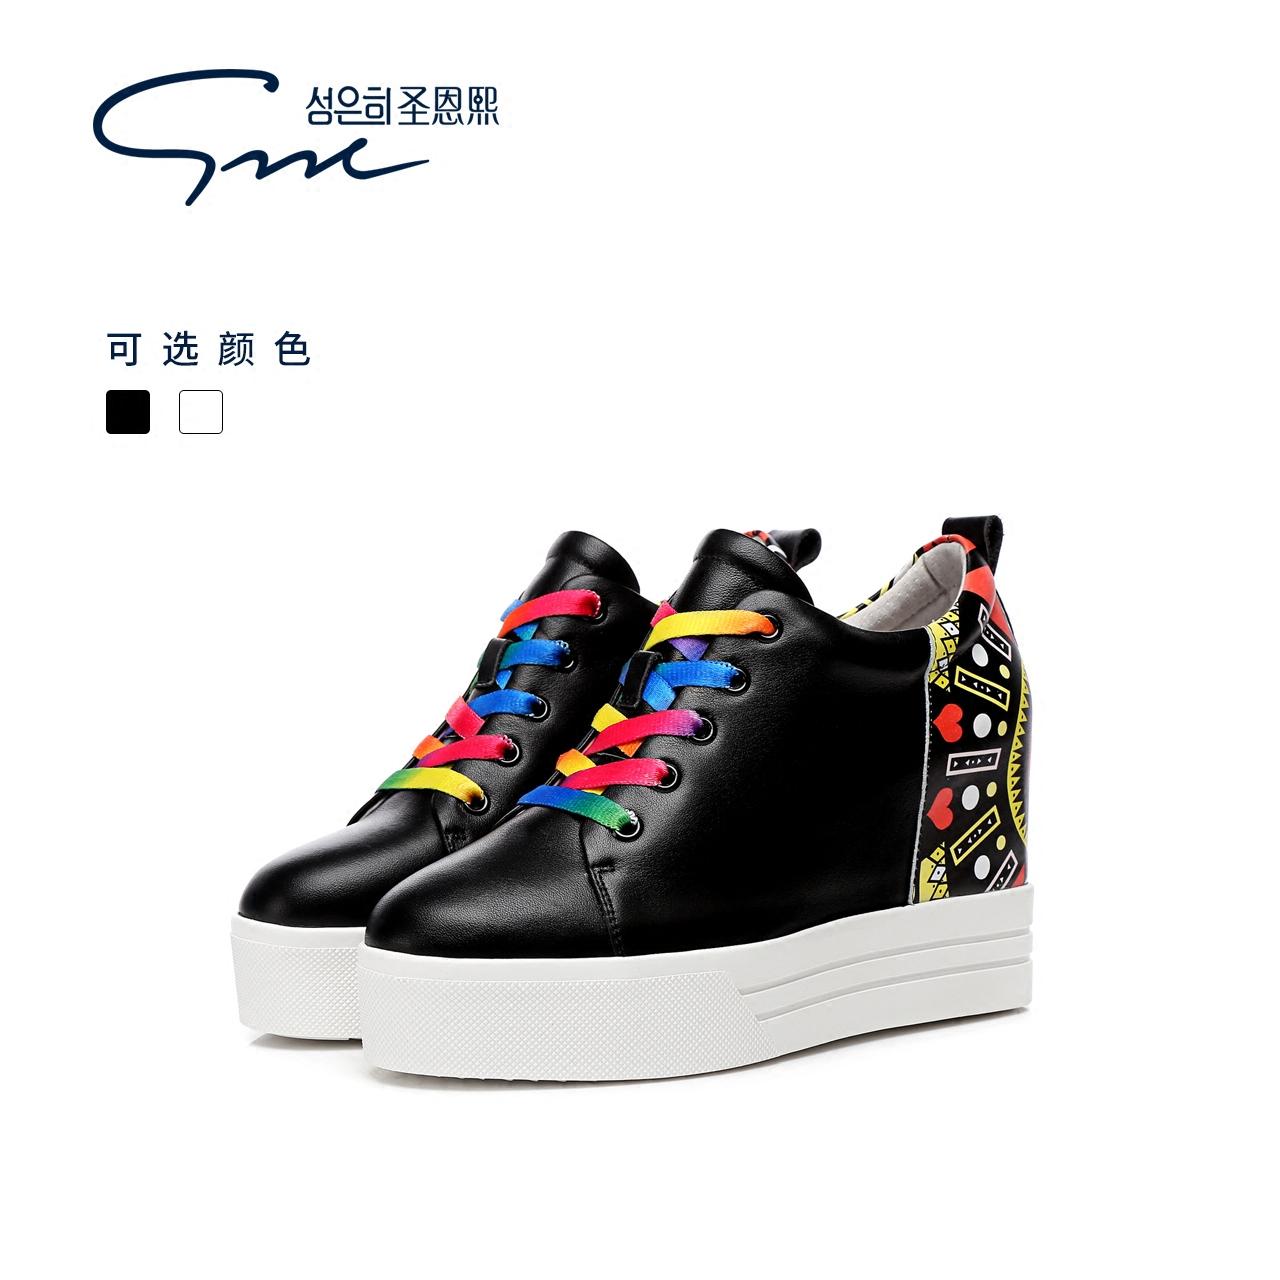 圣恩熙 高邦鞋子女2018新款百搭韩版内增高女鞋8cm高帮运动鞋女潮